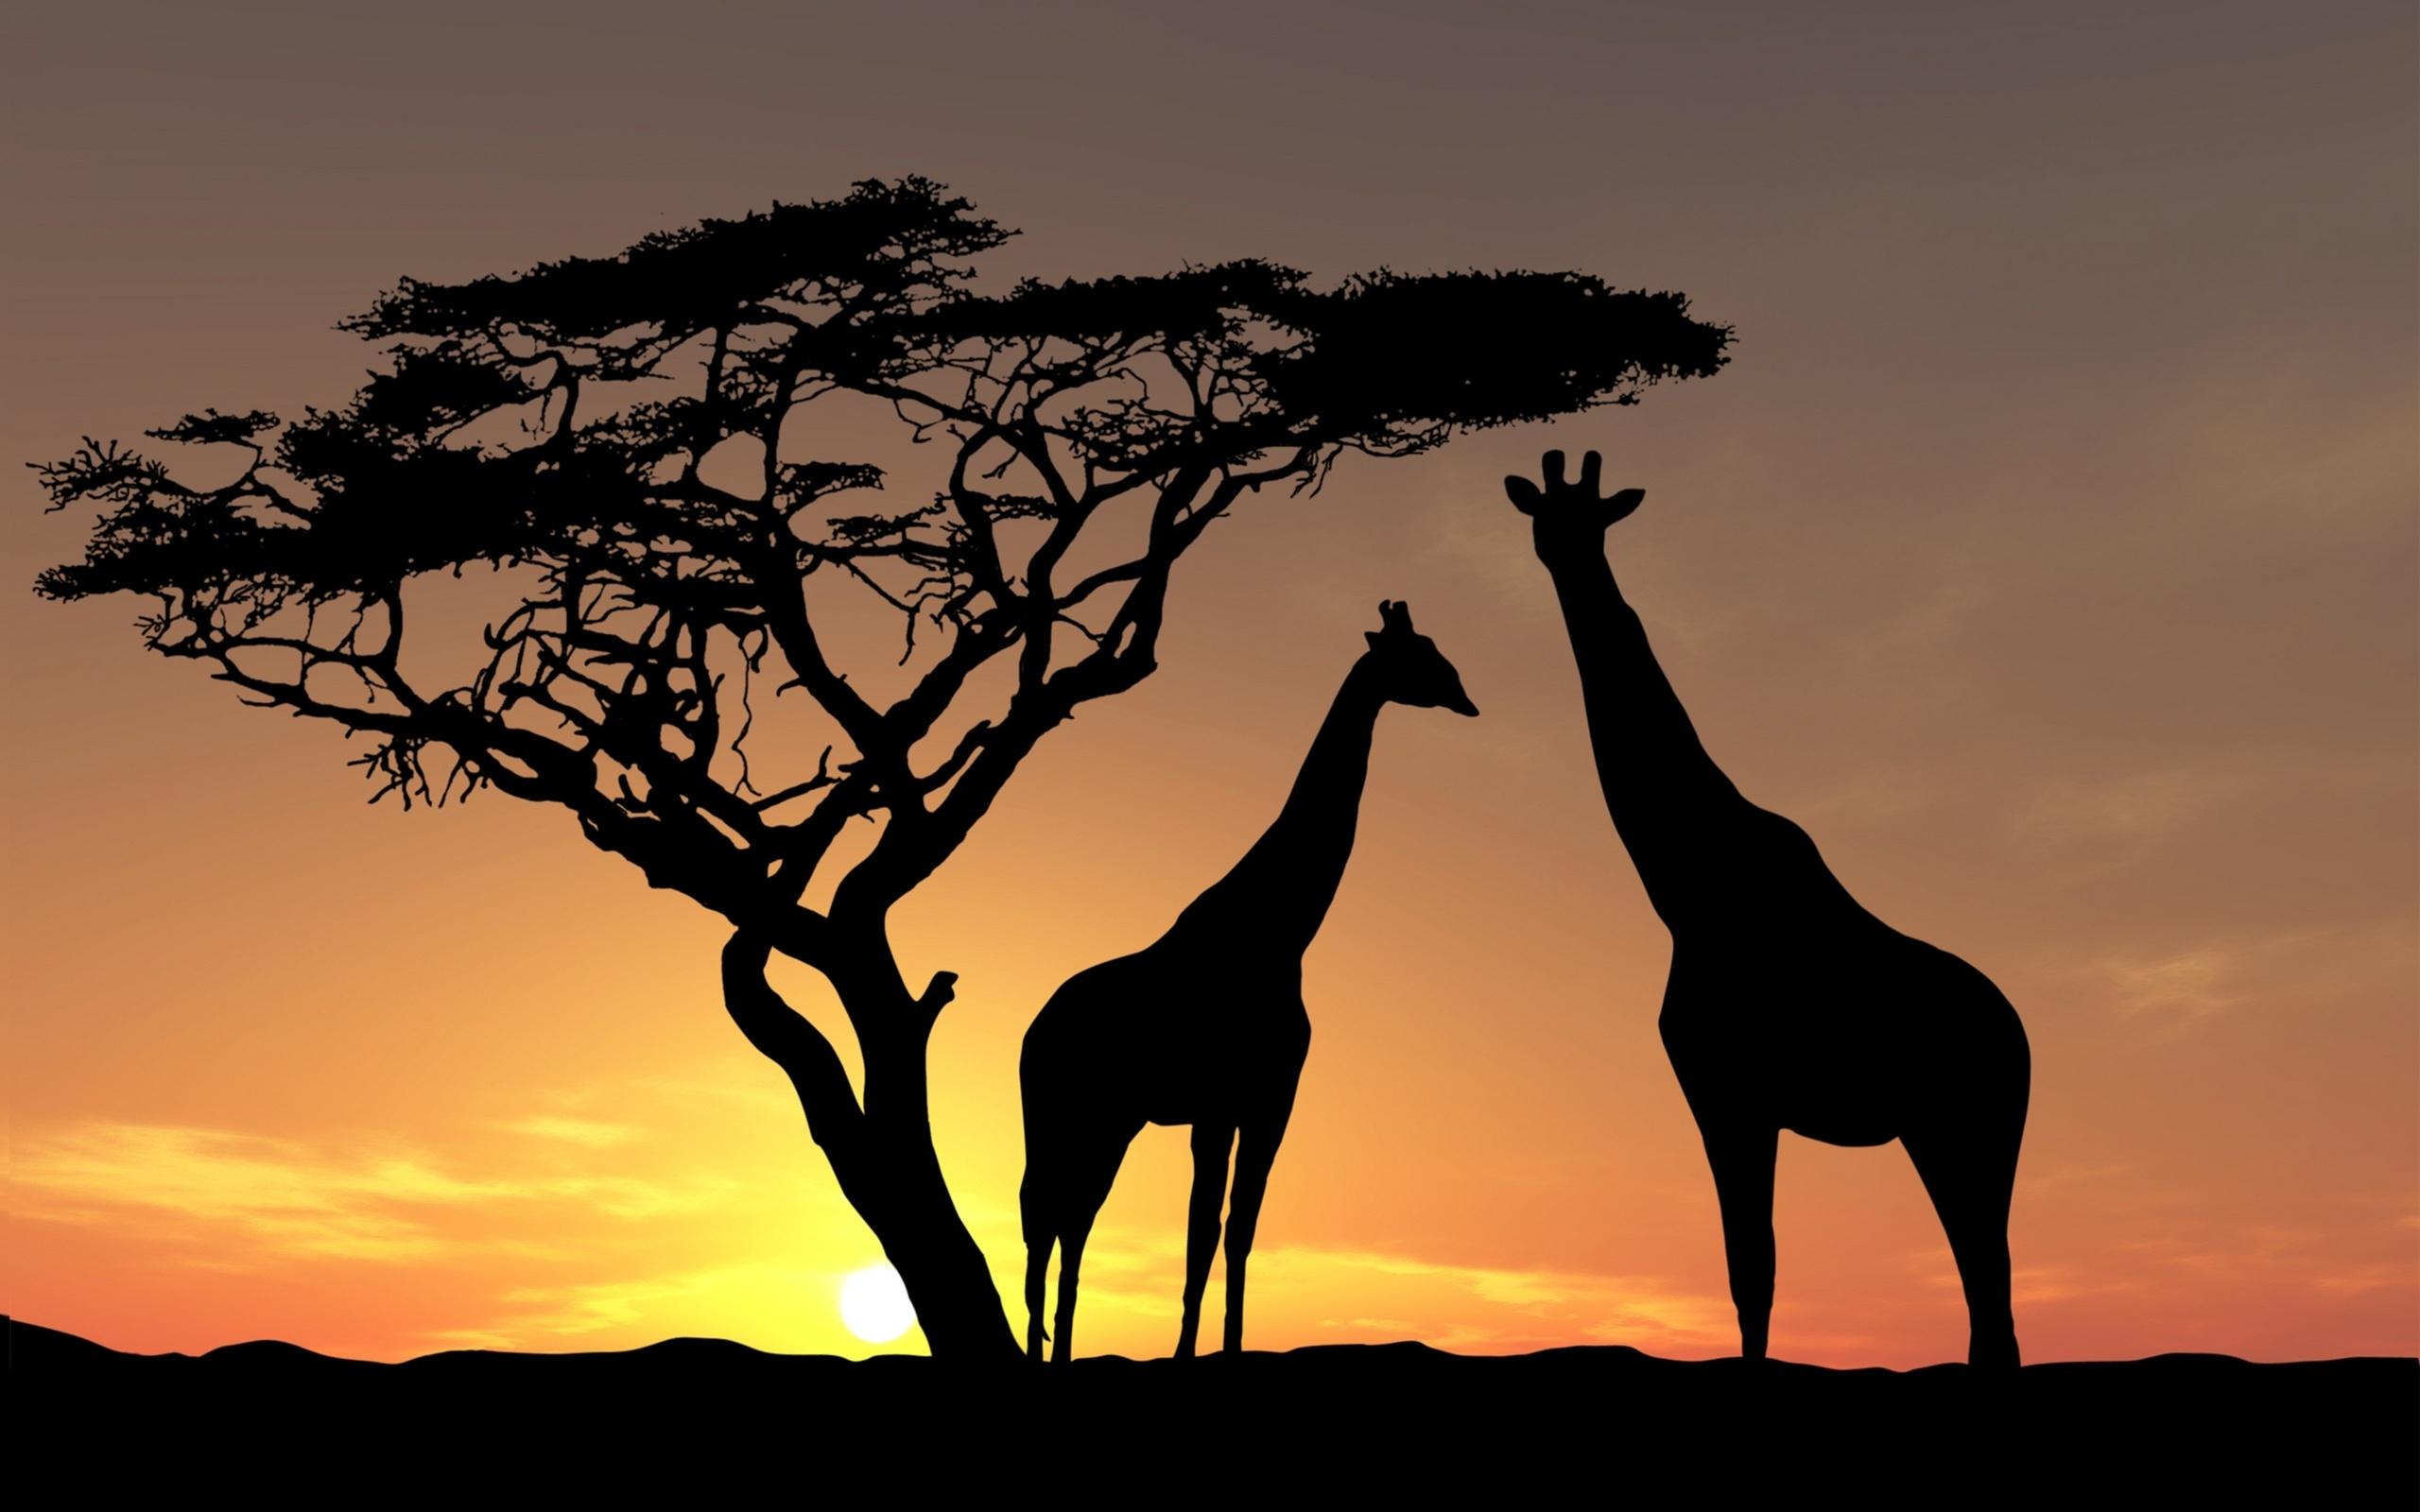 Giraffes in Sunset